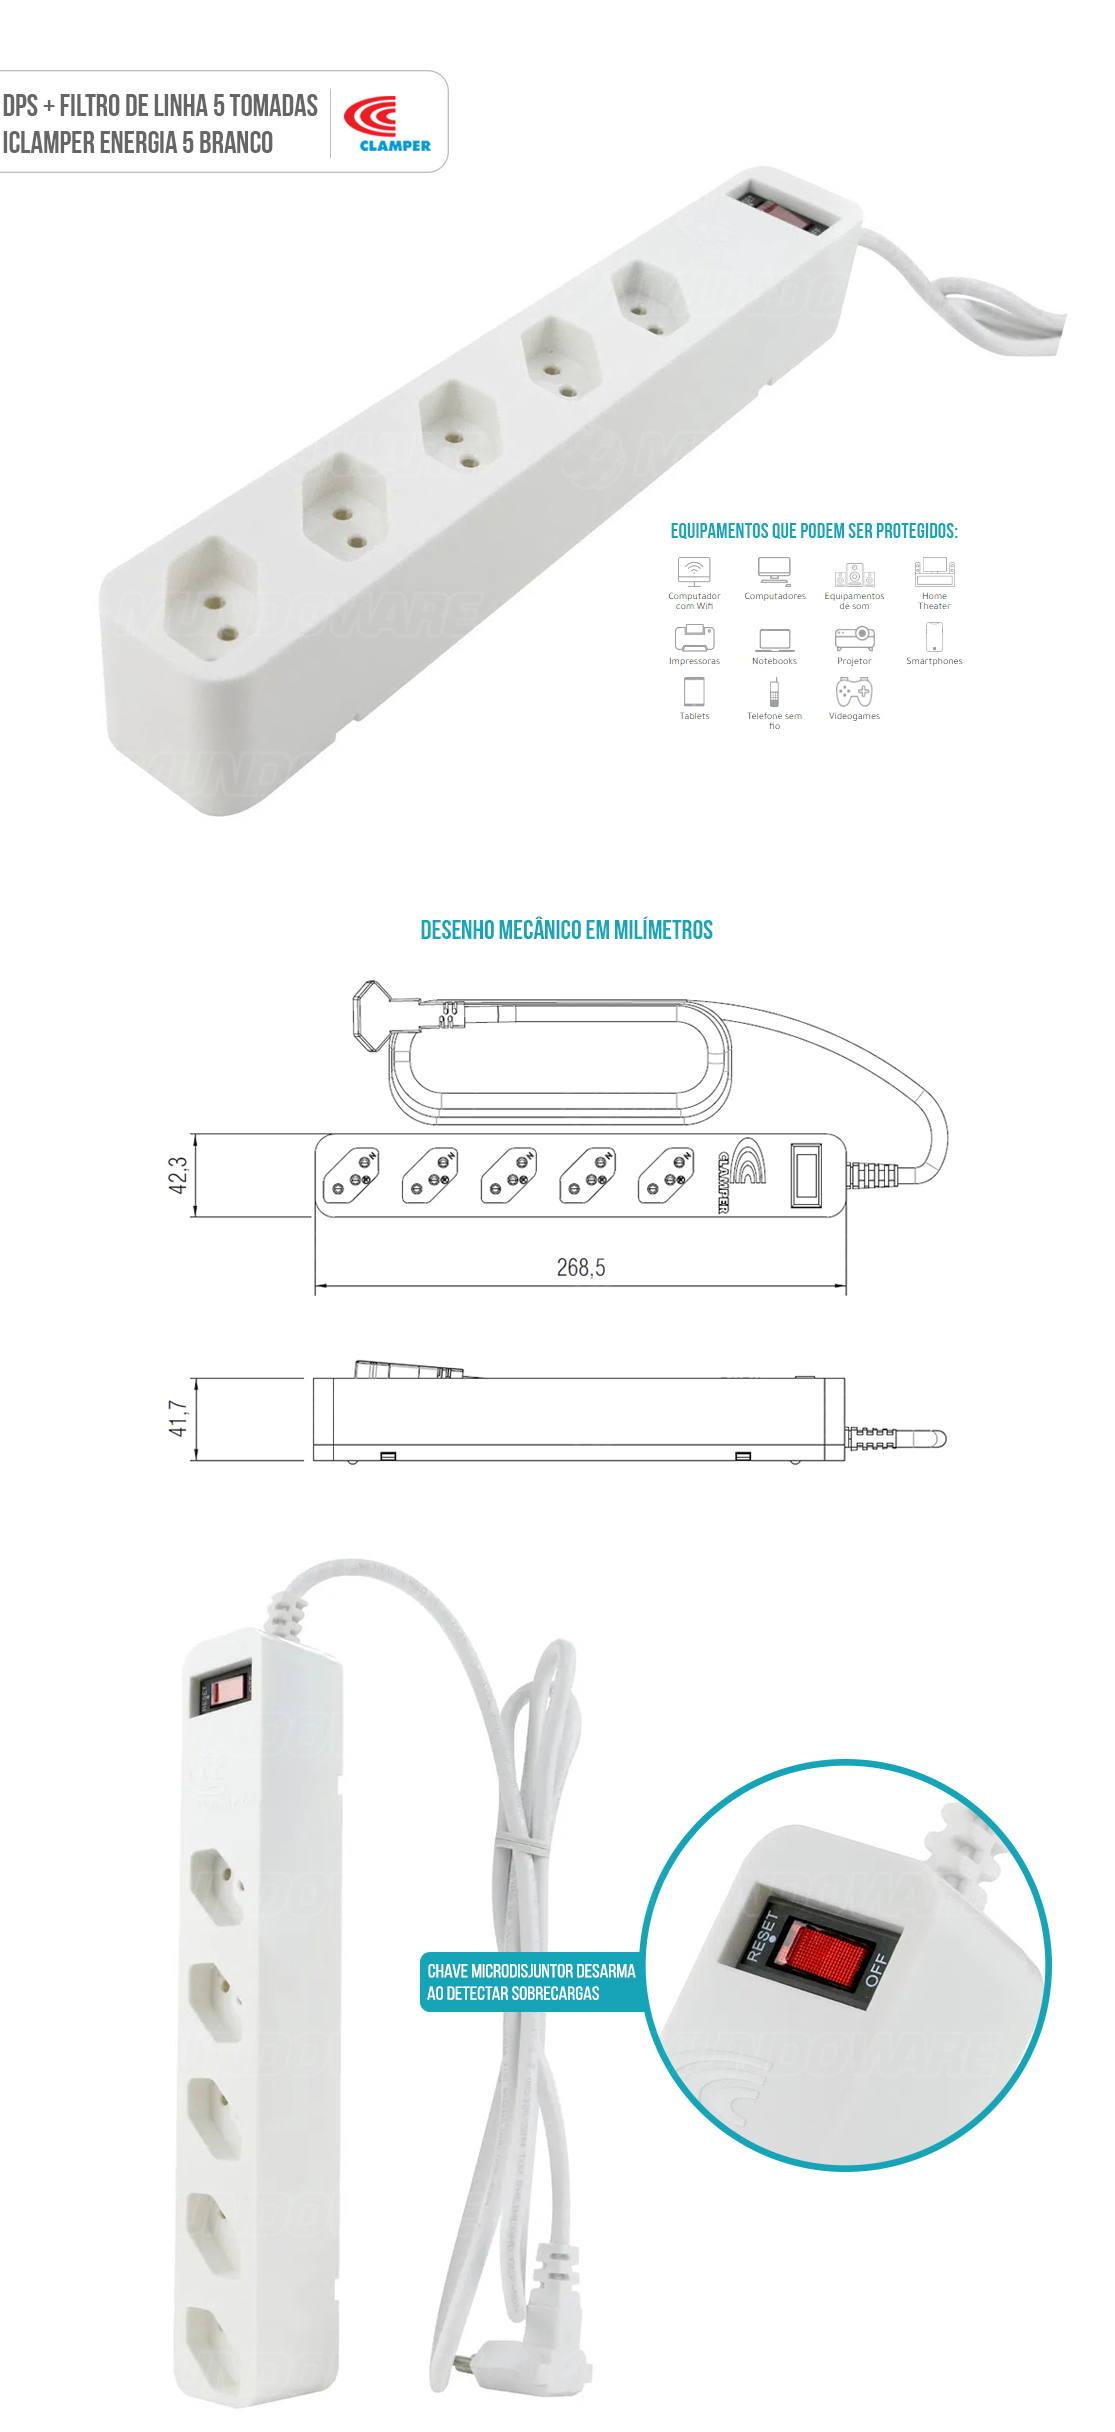 DPS + Filtro de Linha Bivolt 5 Tomadas Protege contra Sobrecarga Curto Surtos Elétricos Clamper Energia 5 Branco